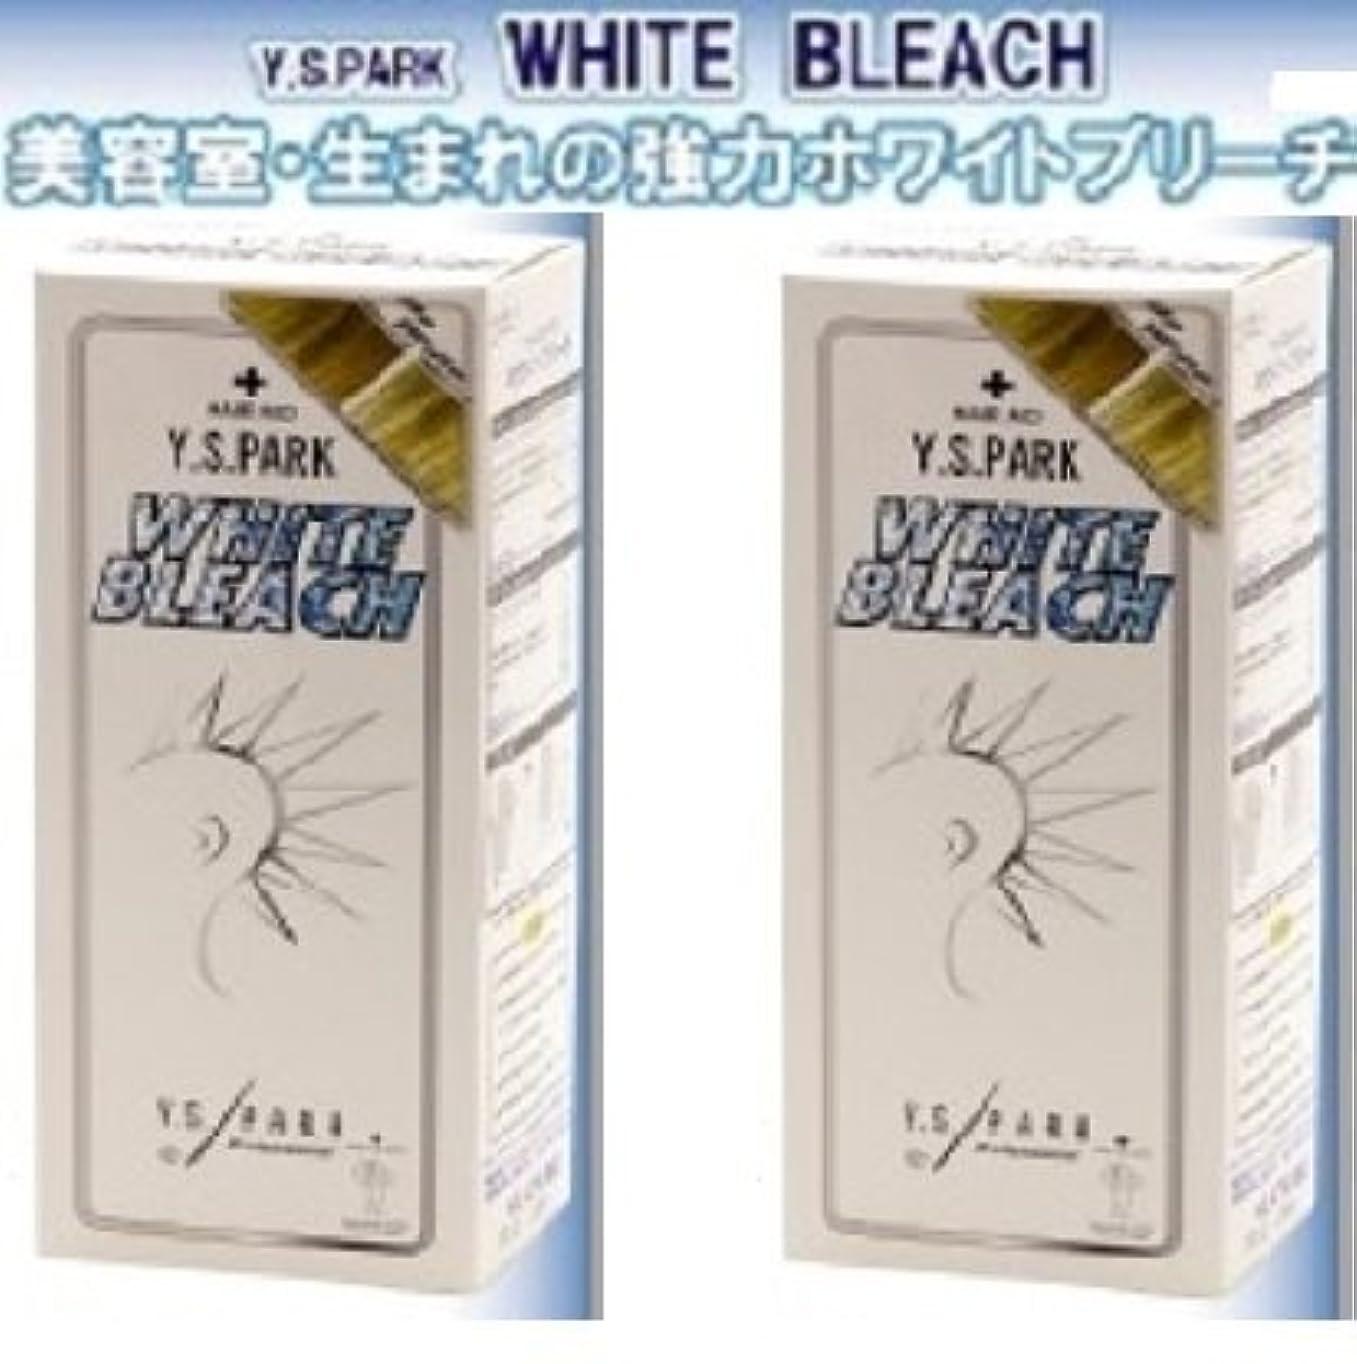 菊画家噂【YSPARK 】ホワイトブリーチ ×2個セット(お得な2個組)美容室生まれの強力ホワイトブリーチ